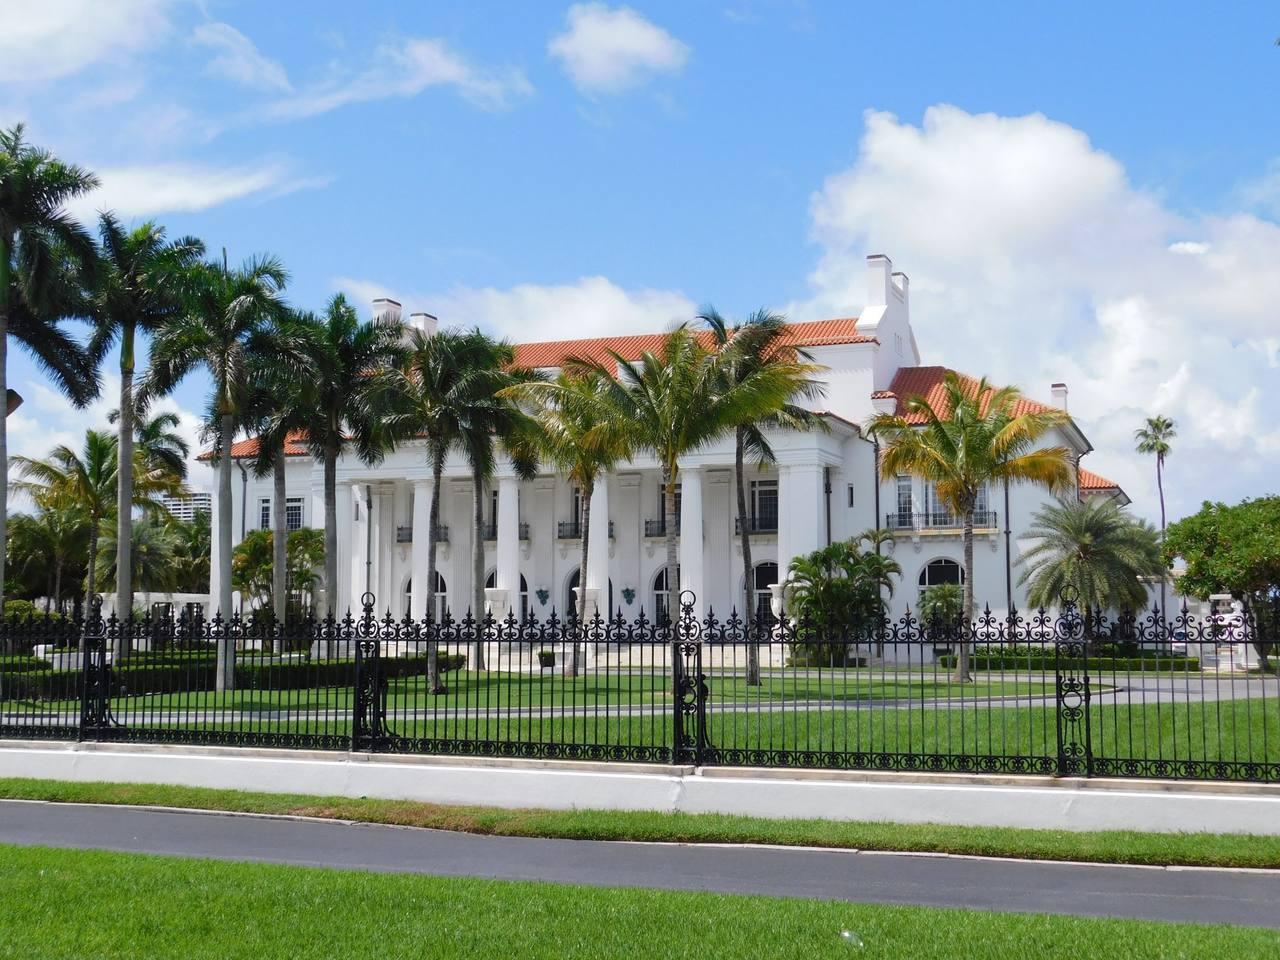 Visiter palm beach et west palm beach le courrier de floride for Jardin west palm